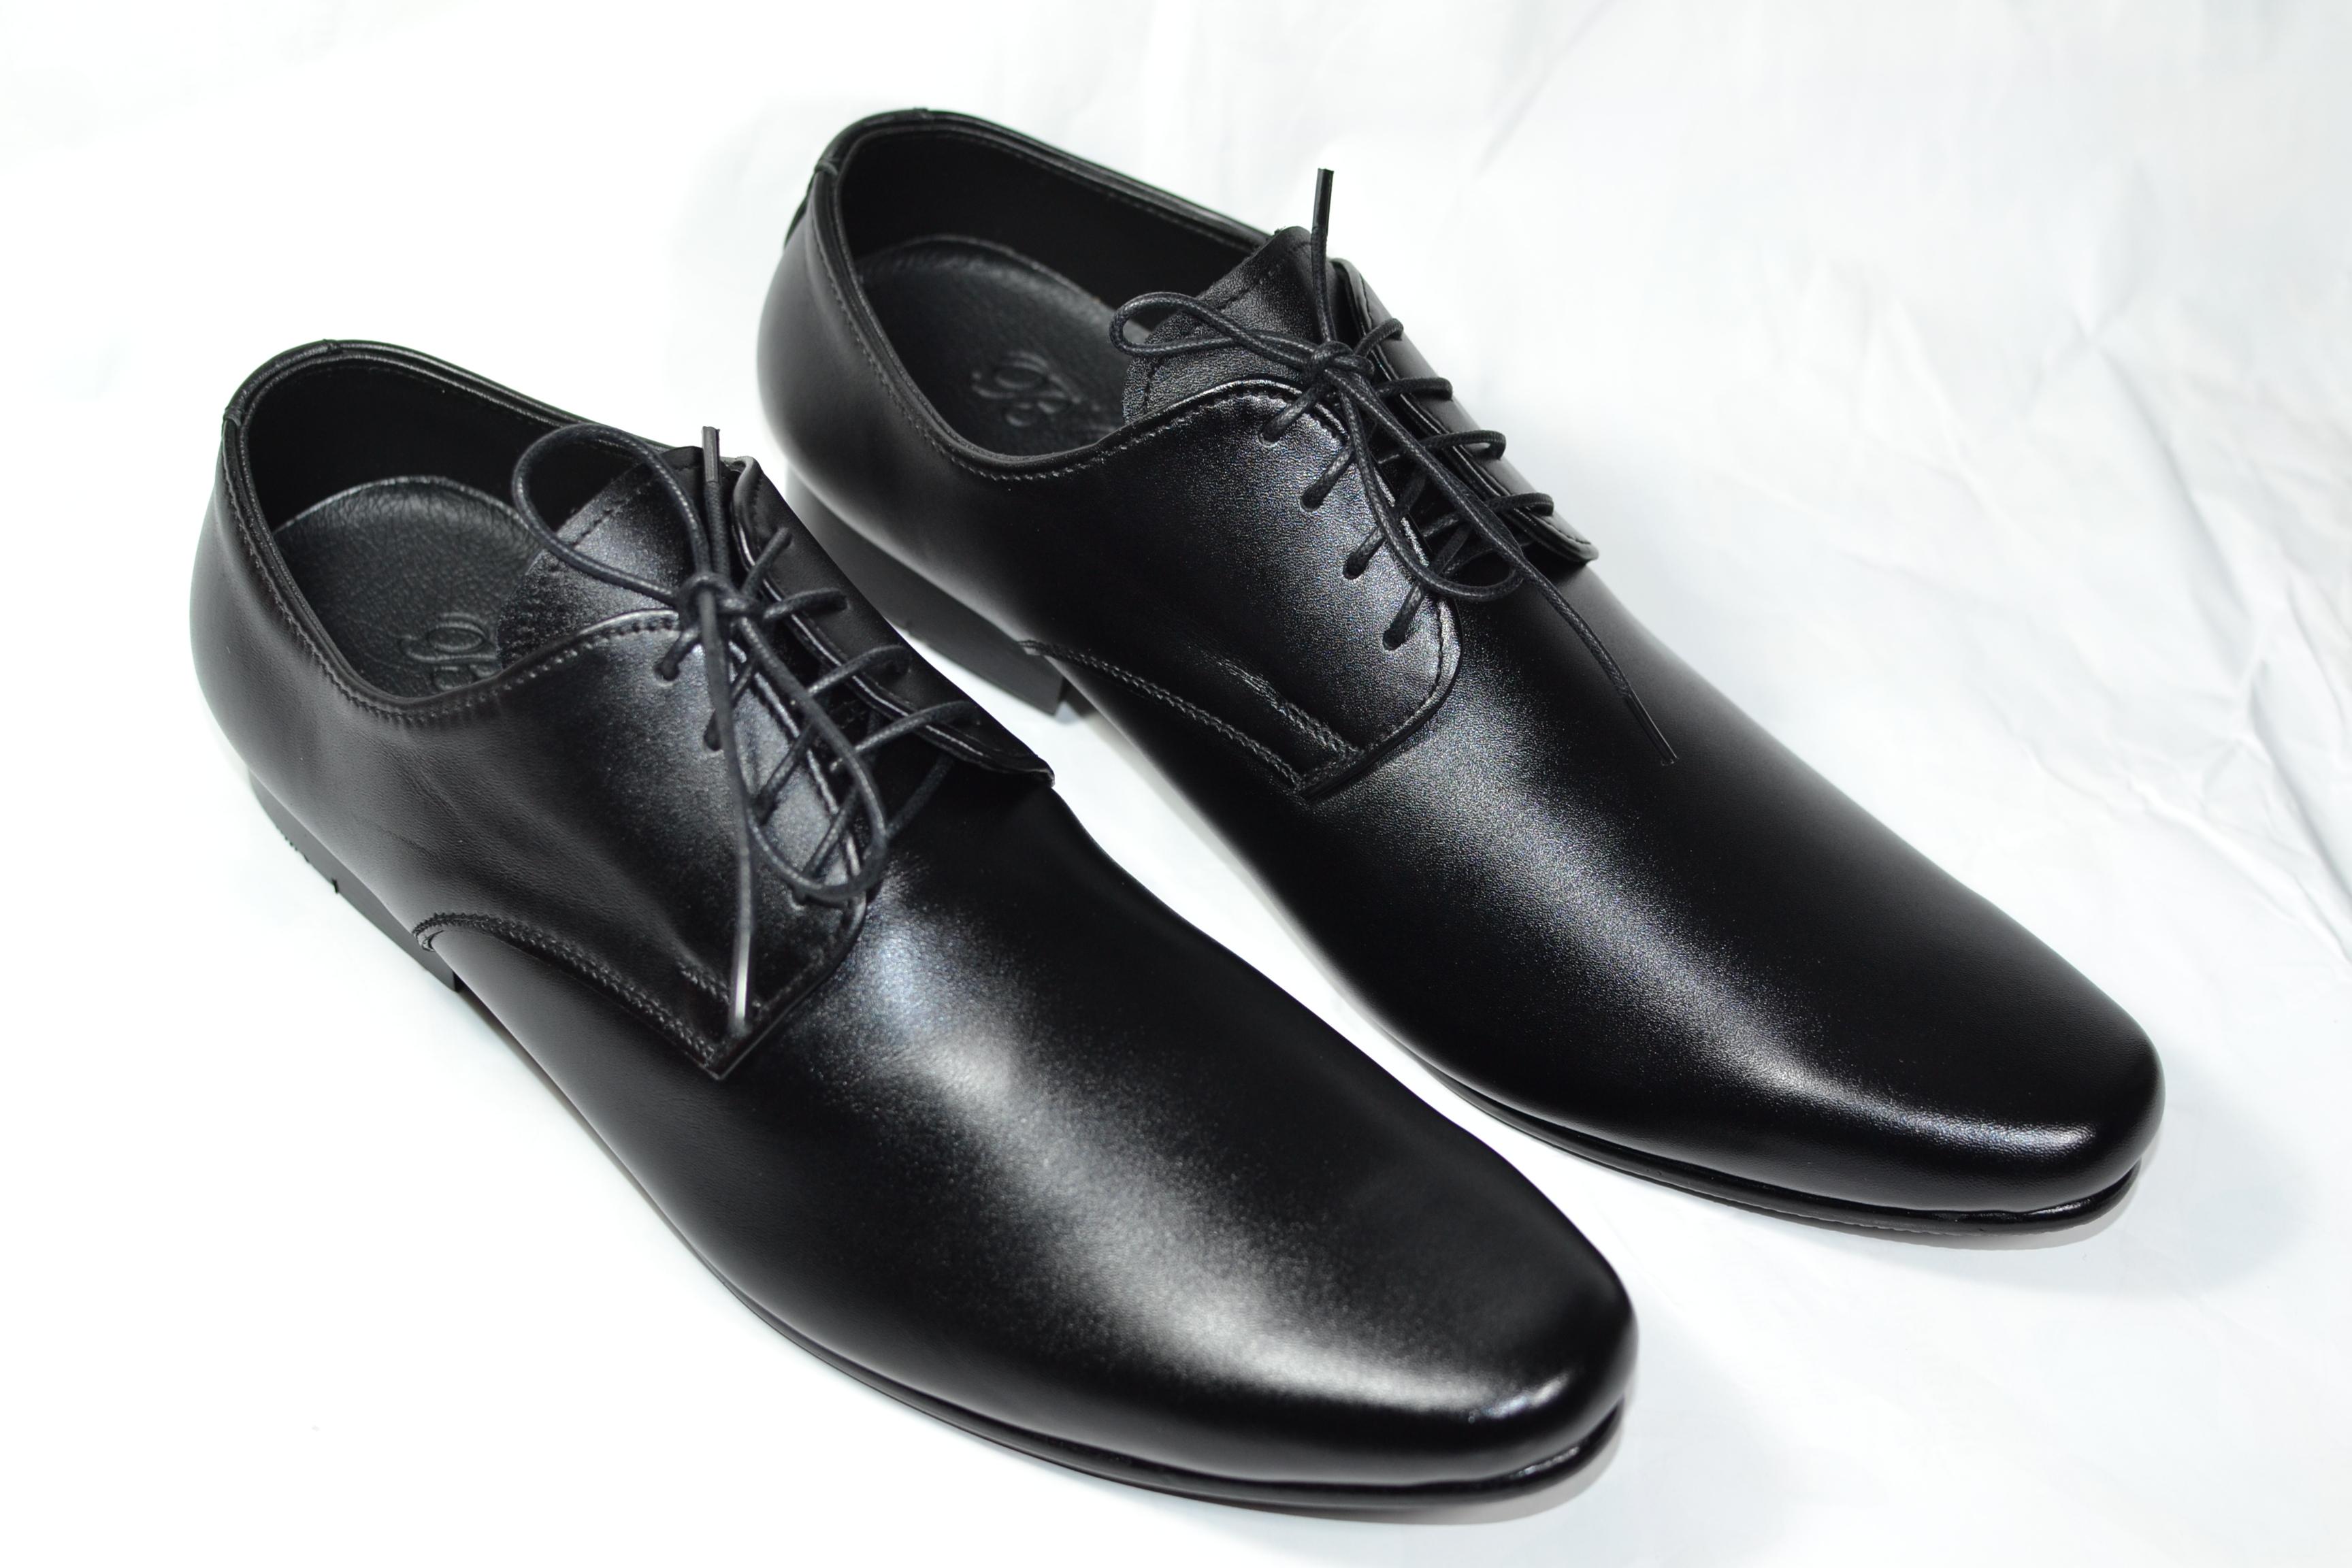 รองเท้าหนัง ชาย-หญิง ทรงหัวแหลม หนังแท้สีดำ มีไซส์ 36-47